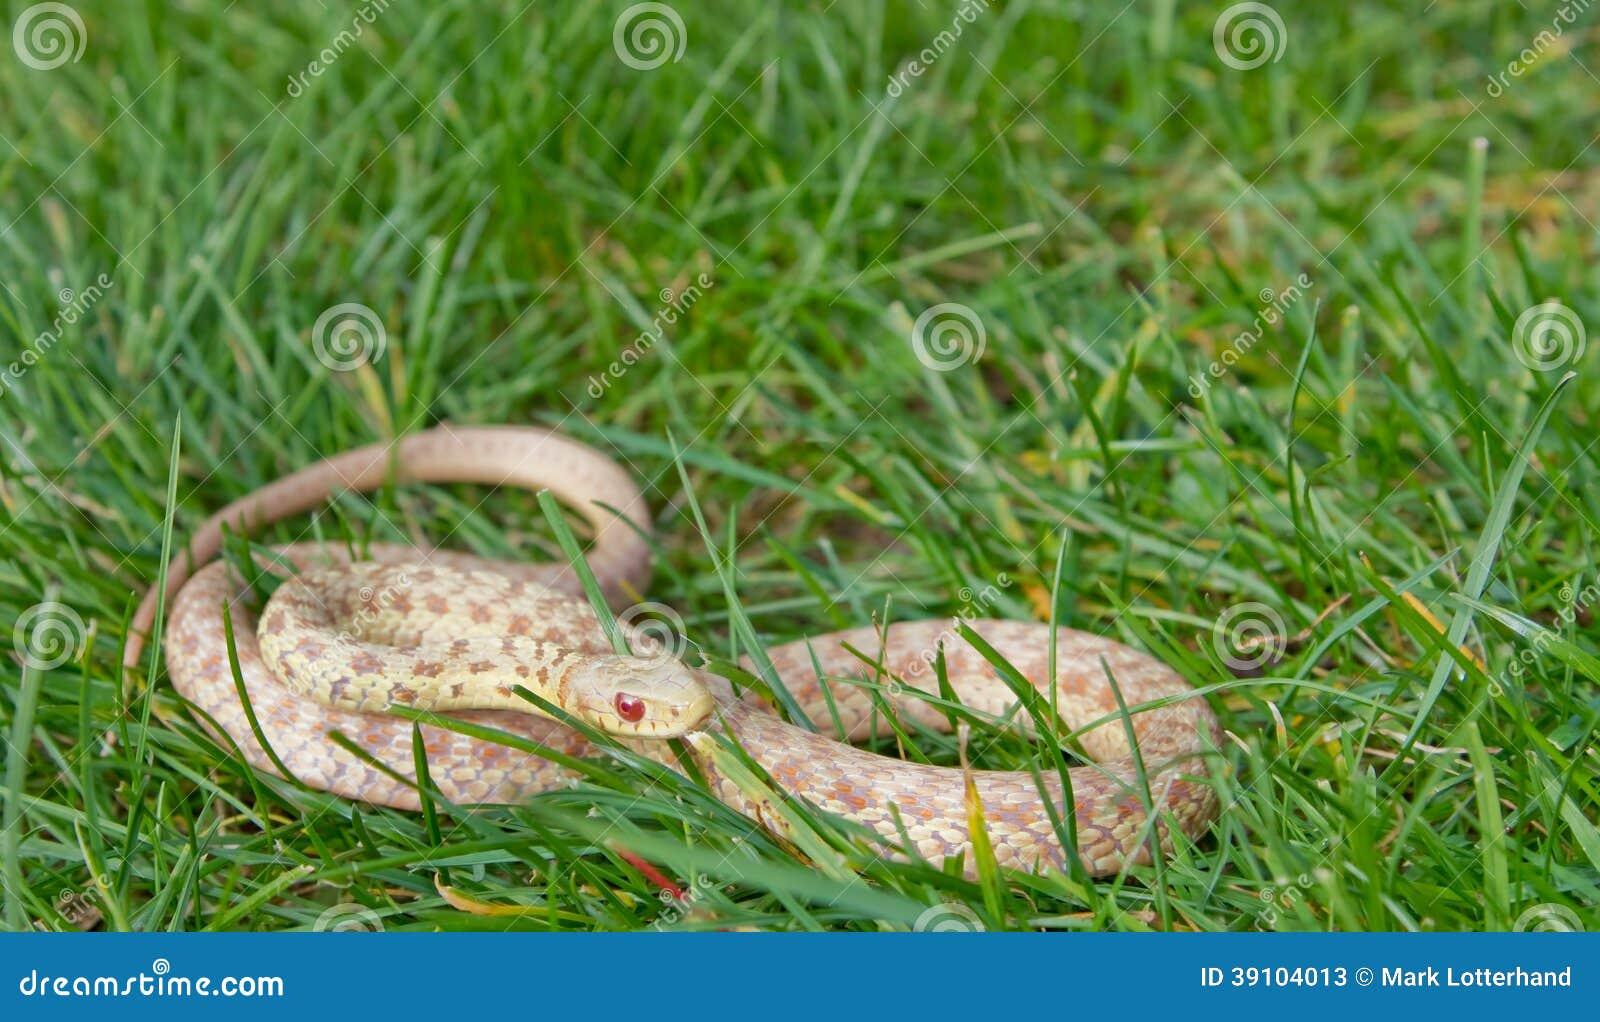 Wild Albino Eastern Garter Snake